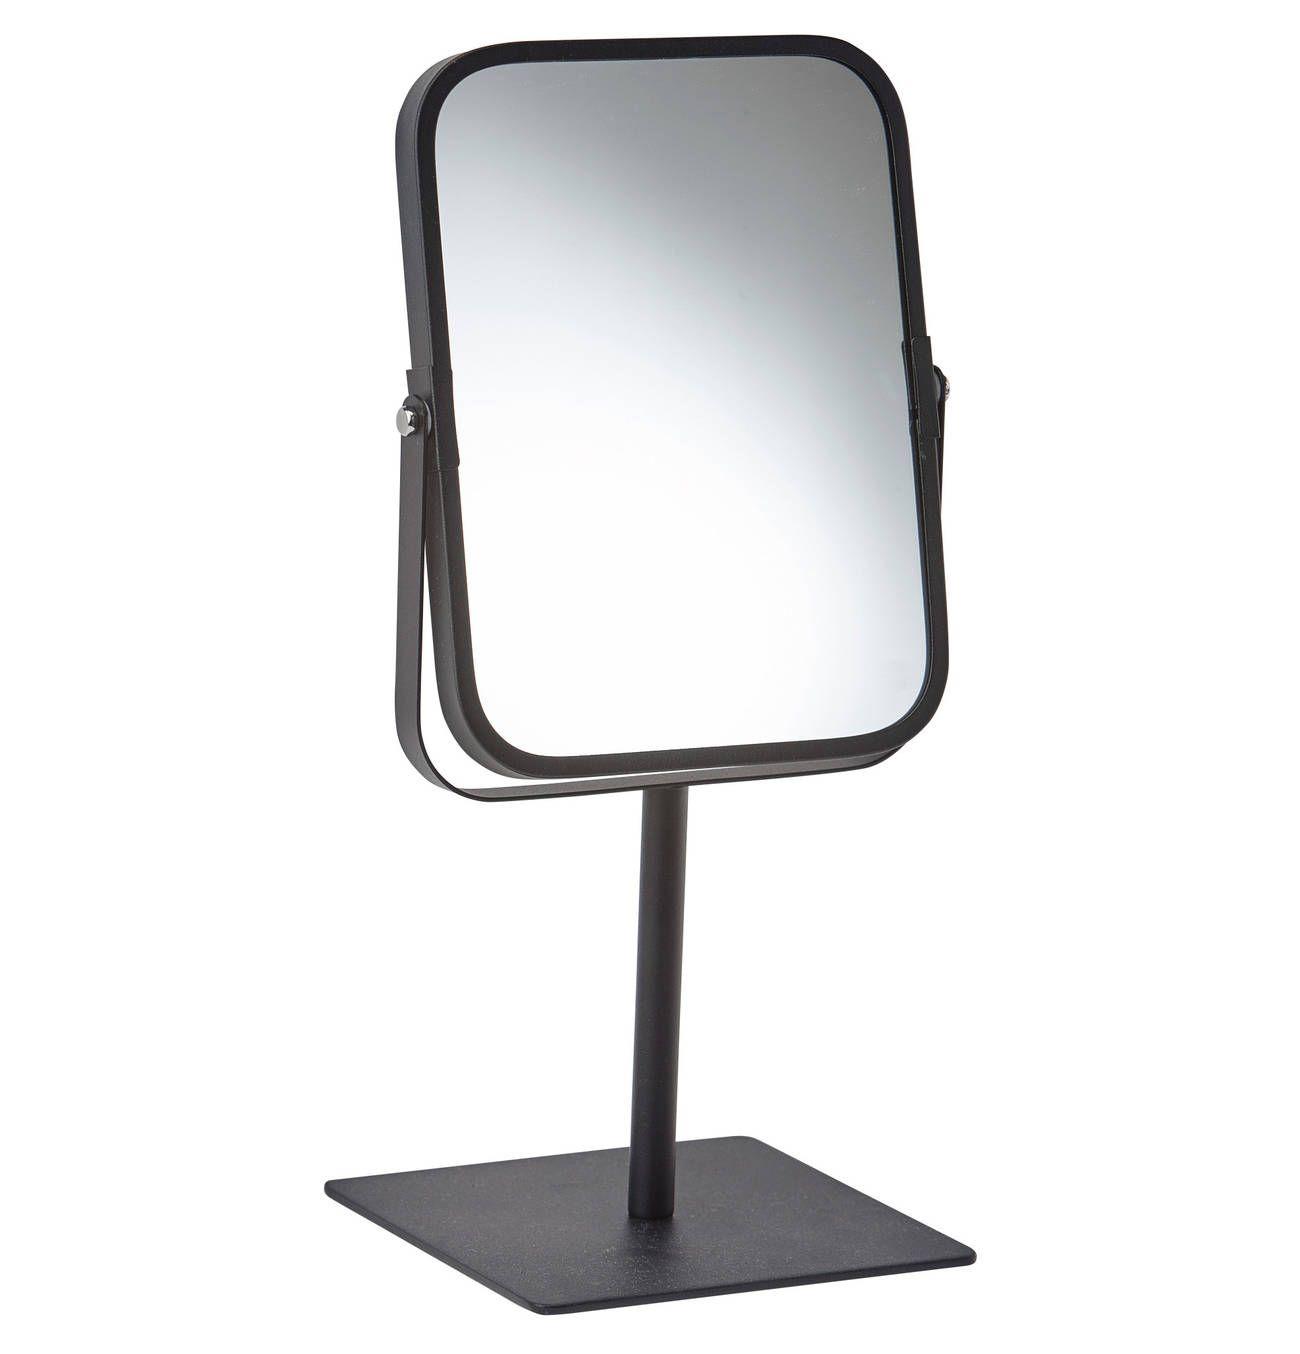 Spiegel Mit Vergr Erung